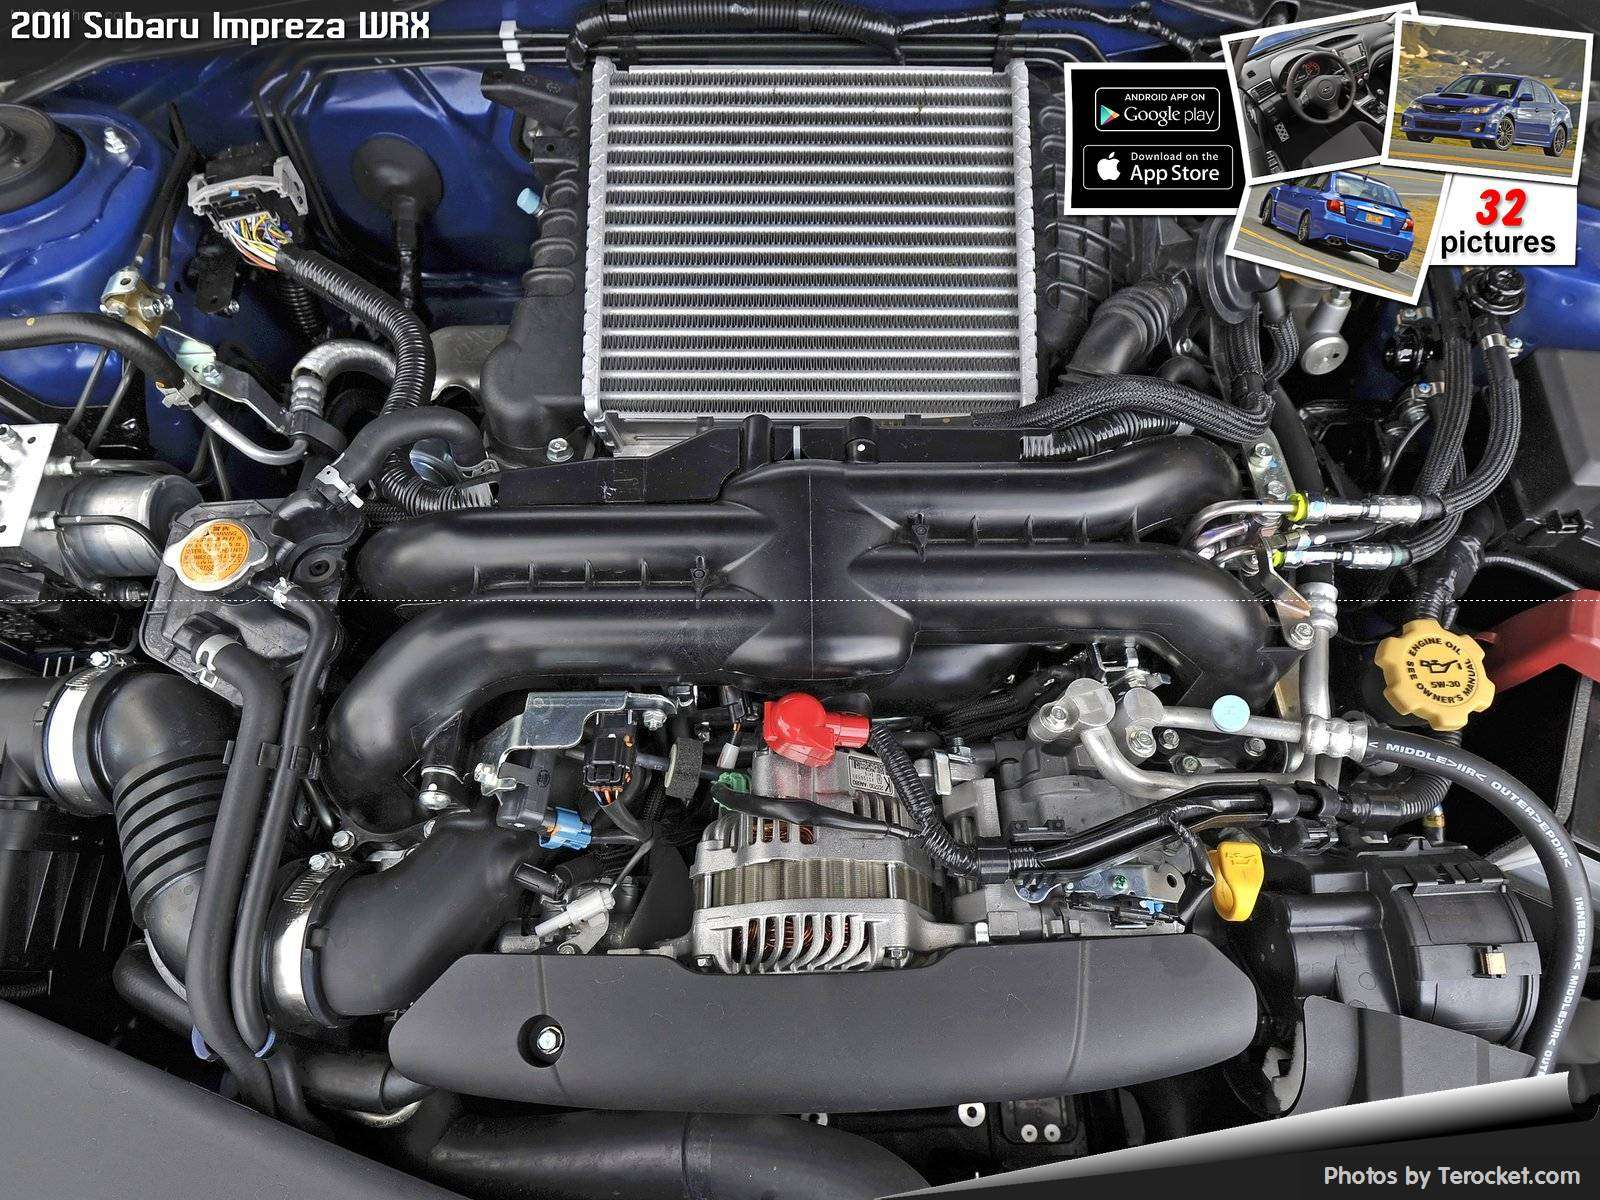 Hình ảnh xe ô tô Subaru Impreza WRX 2011 & nội ngoại thất